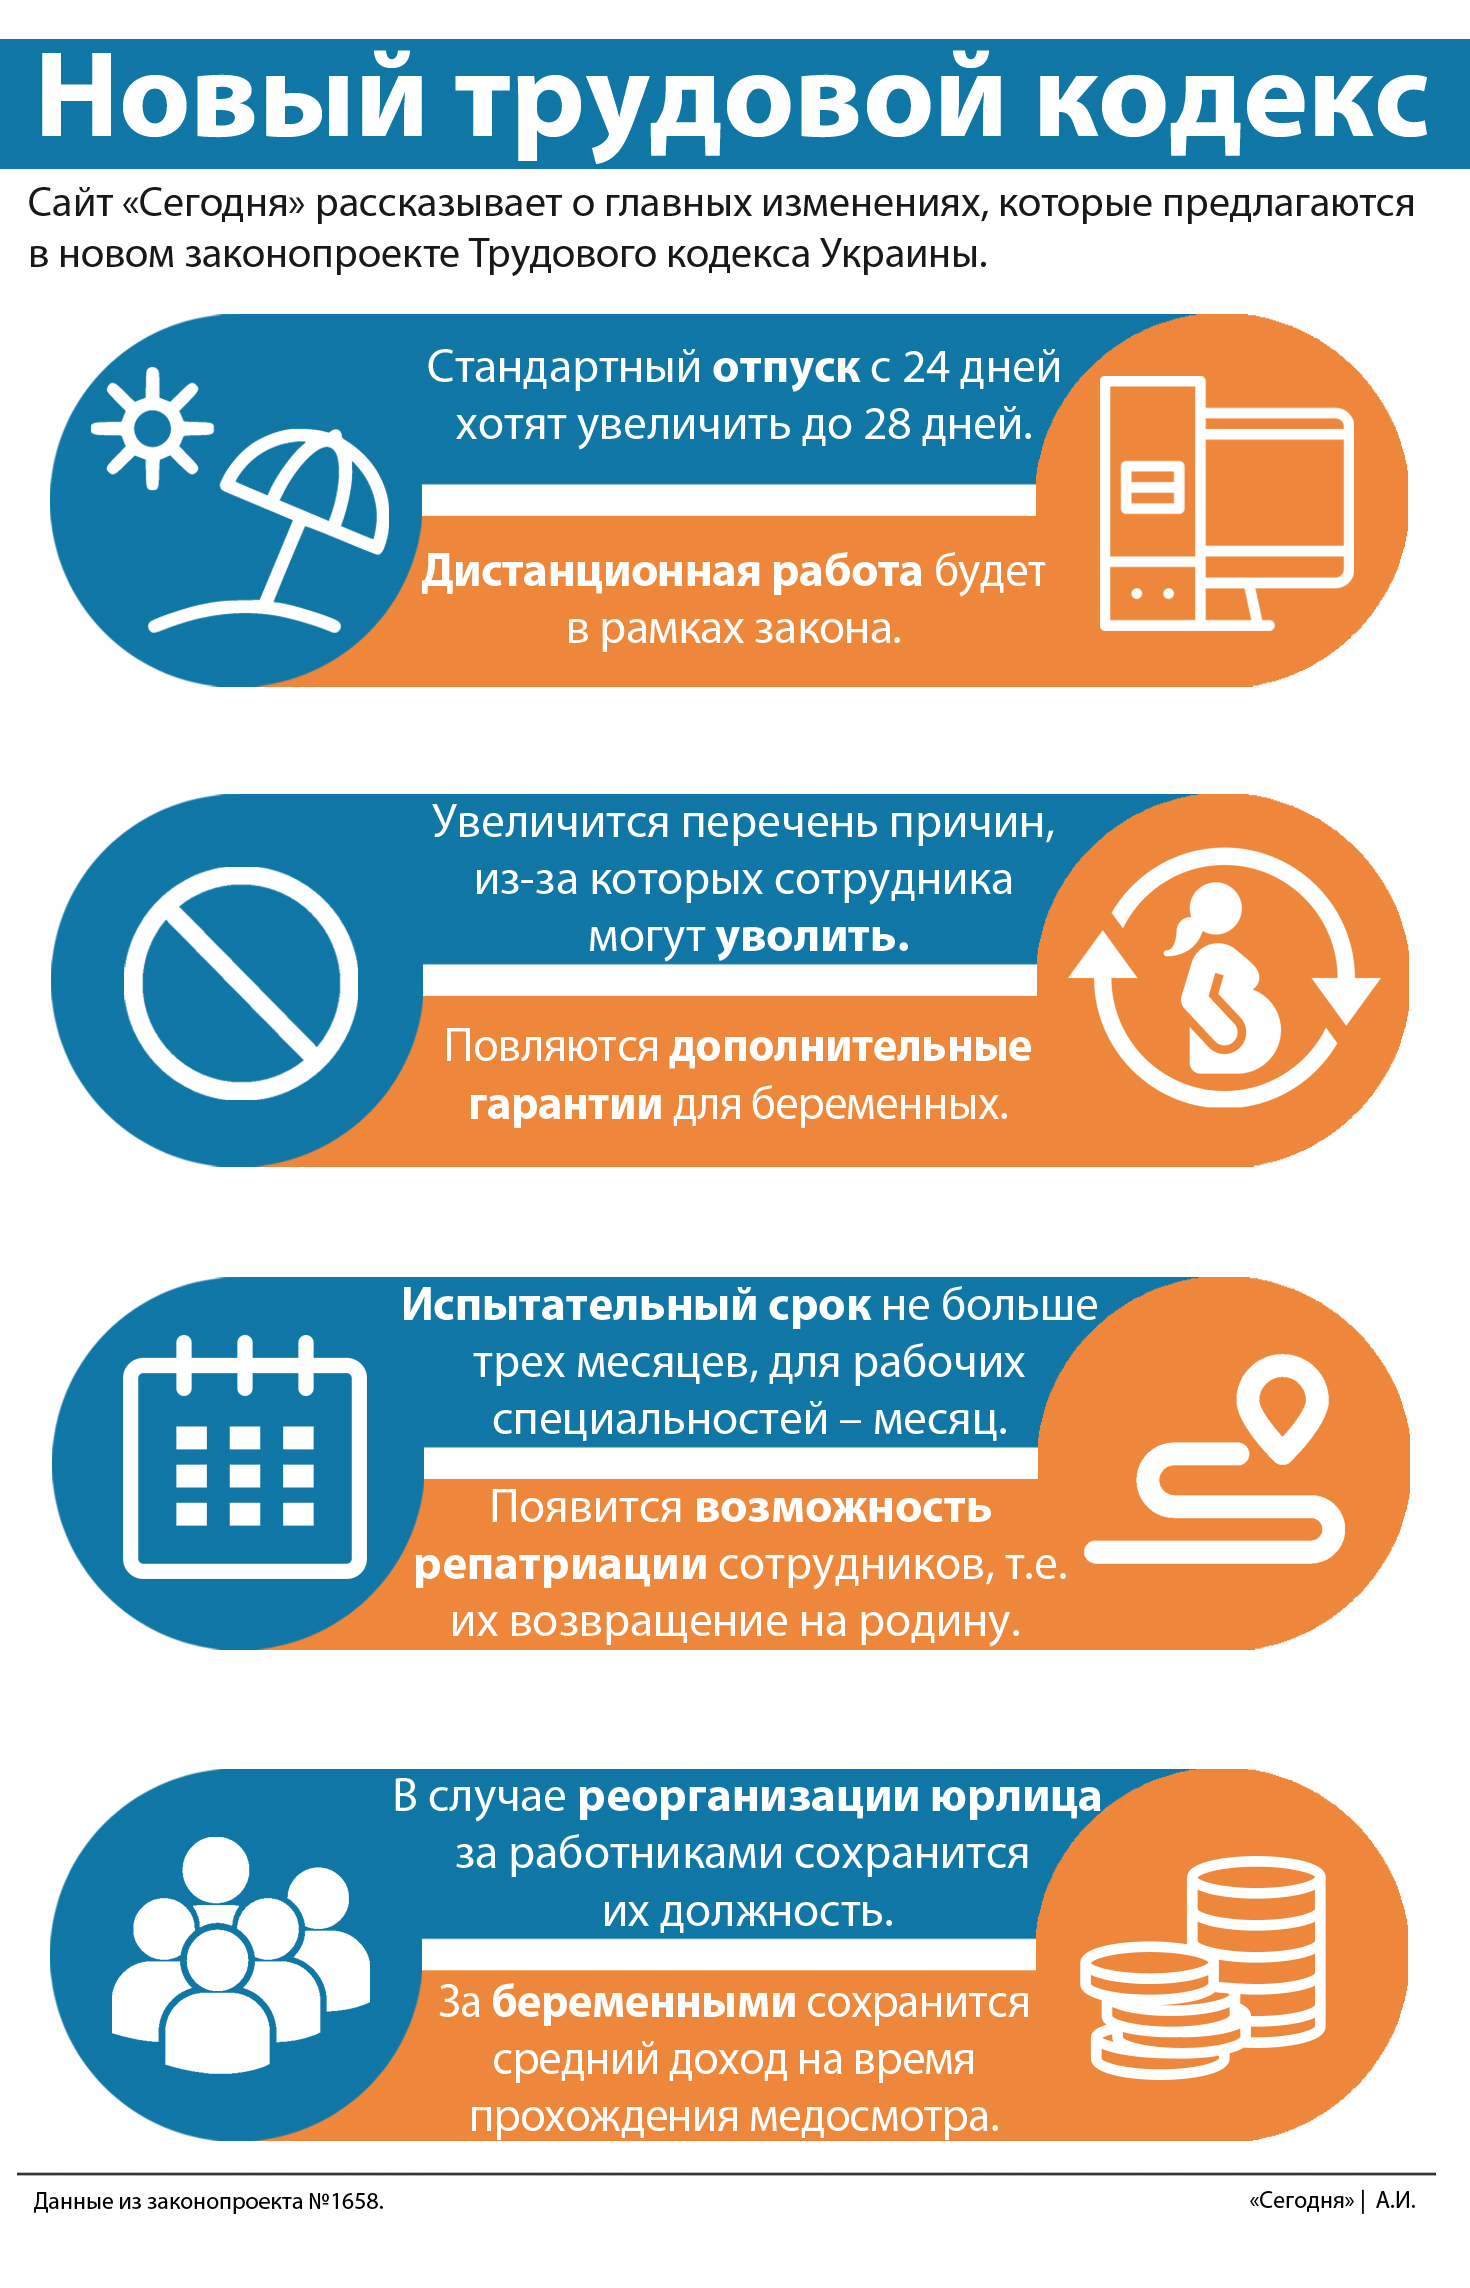 Украинцам готовят новый трудовой кодекс: в нем увеличен отпуск и больше причин для увольнения, фото-1